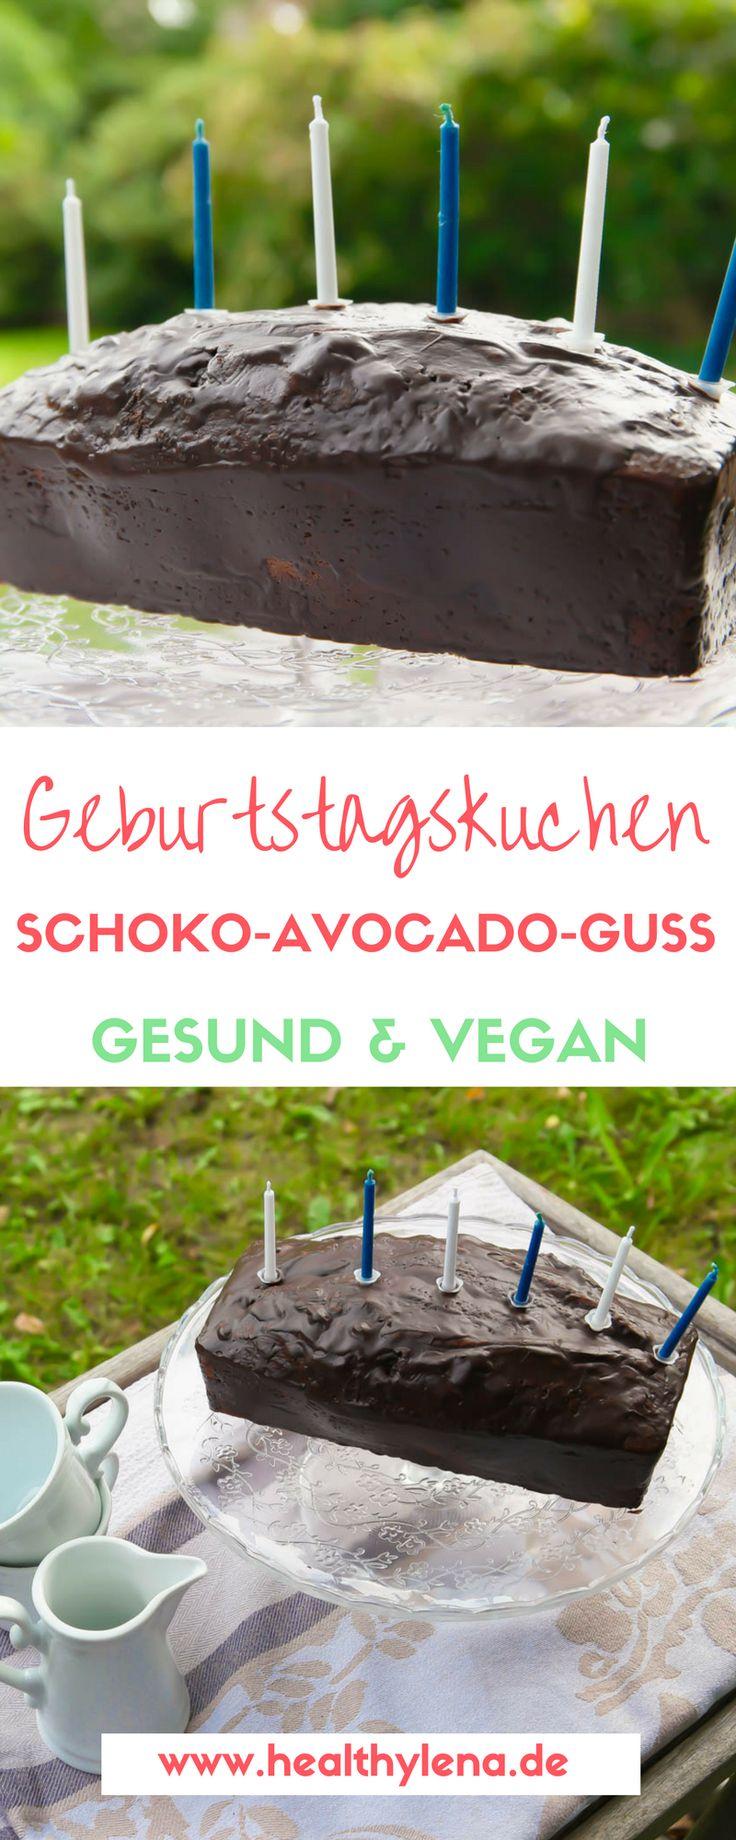 Du suchst nach einem veganen Geburtstagskuchen? Dieser Nusskuchen mit Schoko-Avocado-Guss ist perfekt für den Geburtstag: gesund, vegan & lecker! Mit gesunden Zutaten entsteht so ein leckeres Rezept für gesunden Kuchen mit Avocado, Nüssen & Schokolade.